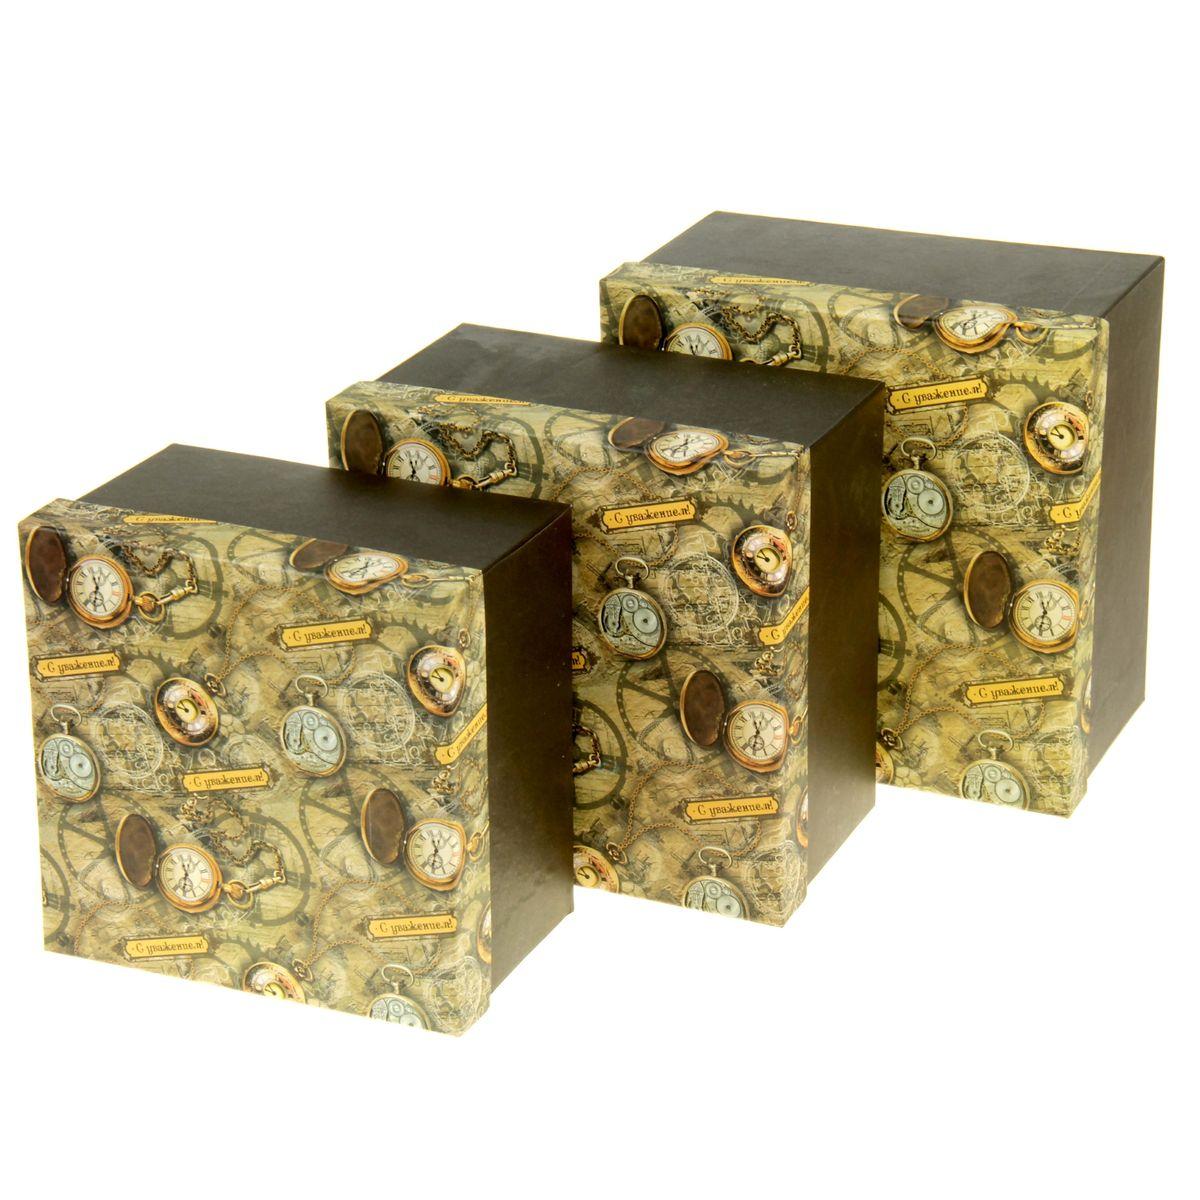 Набор подарочных коробок Sima-land Часы, 3 шт862376Набор Sima-land Часы состоит из 3 подарочных коробок разного размера, выполненных из плотного картона. Крышка оформлена ярким изображением и надписью С уважением!.Подарочная коробка - это наилучшее решение, если вы хотите порадовать вашихблизких и создать праздничное настроение, ведь подарок, преподнесенный воригинальной упаковке, всегда будет самым эффектным и запоминающимся.Окружите близких людей вниманием и заботой, вручив презент в нарядном,праздничном оформлении. Размер большой коробки: 20 см х 20 см х 11,5 см.Размер средней коробки: 18,5 см х 18,5 см х 11 см.Размер маленькой коробки: 17 см х 17 см х 10,5 см.